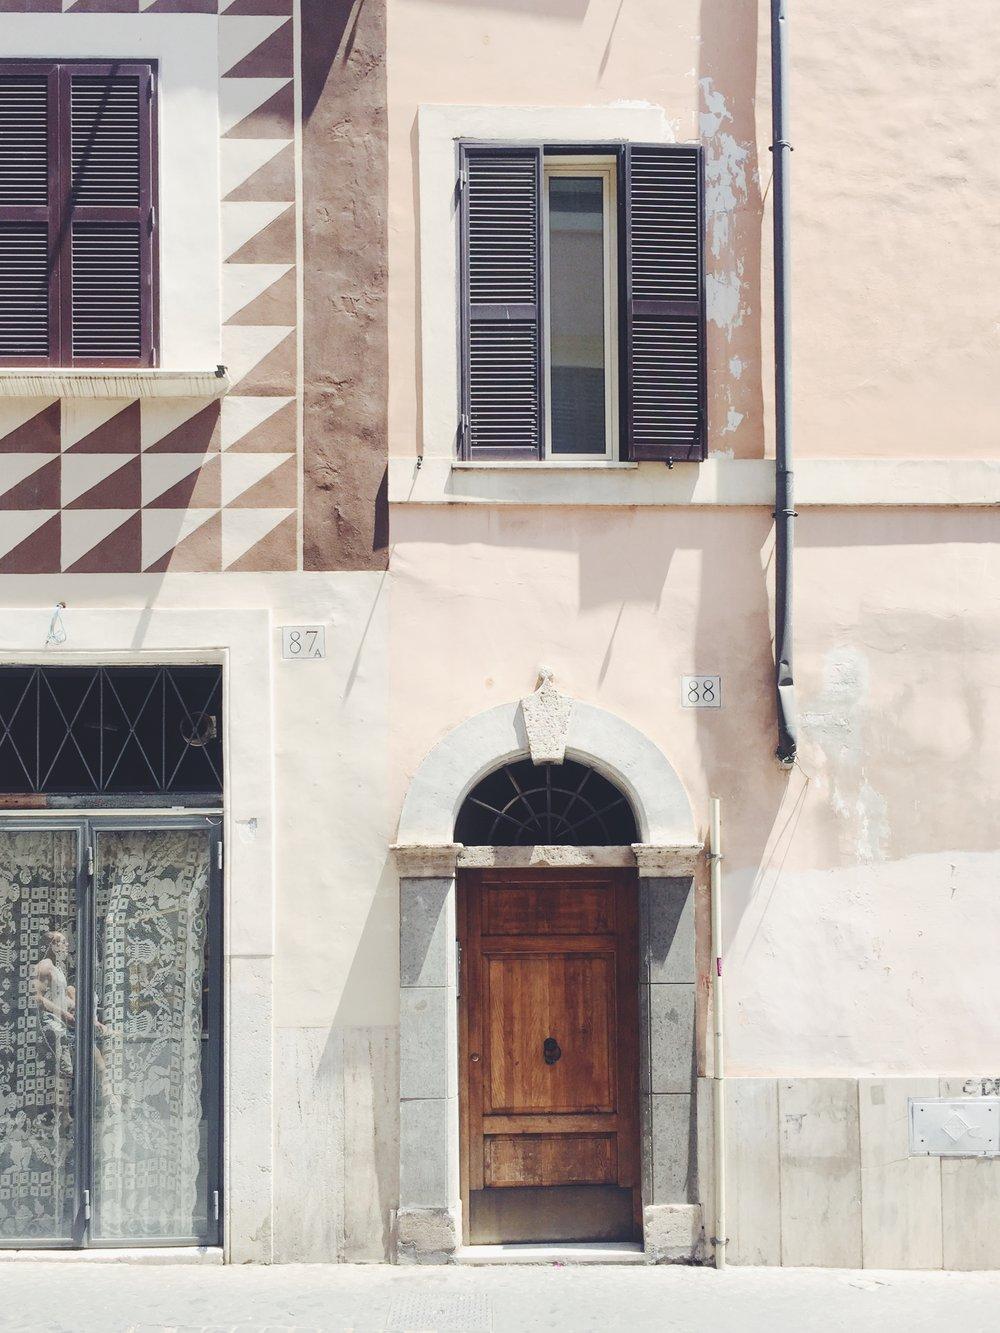 Rome, 2017